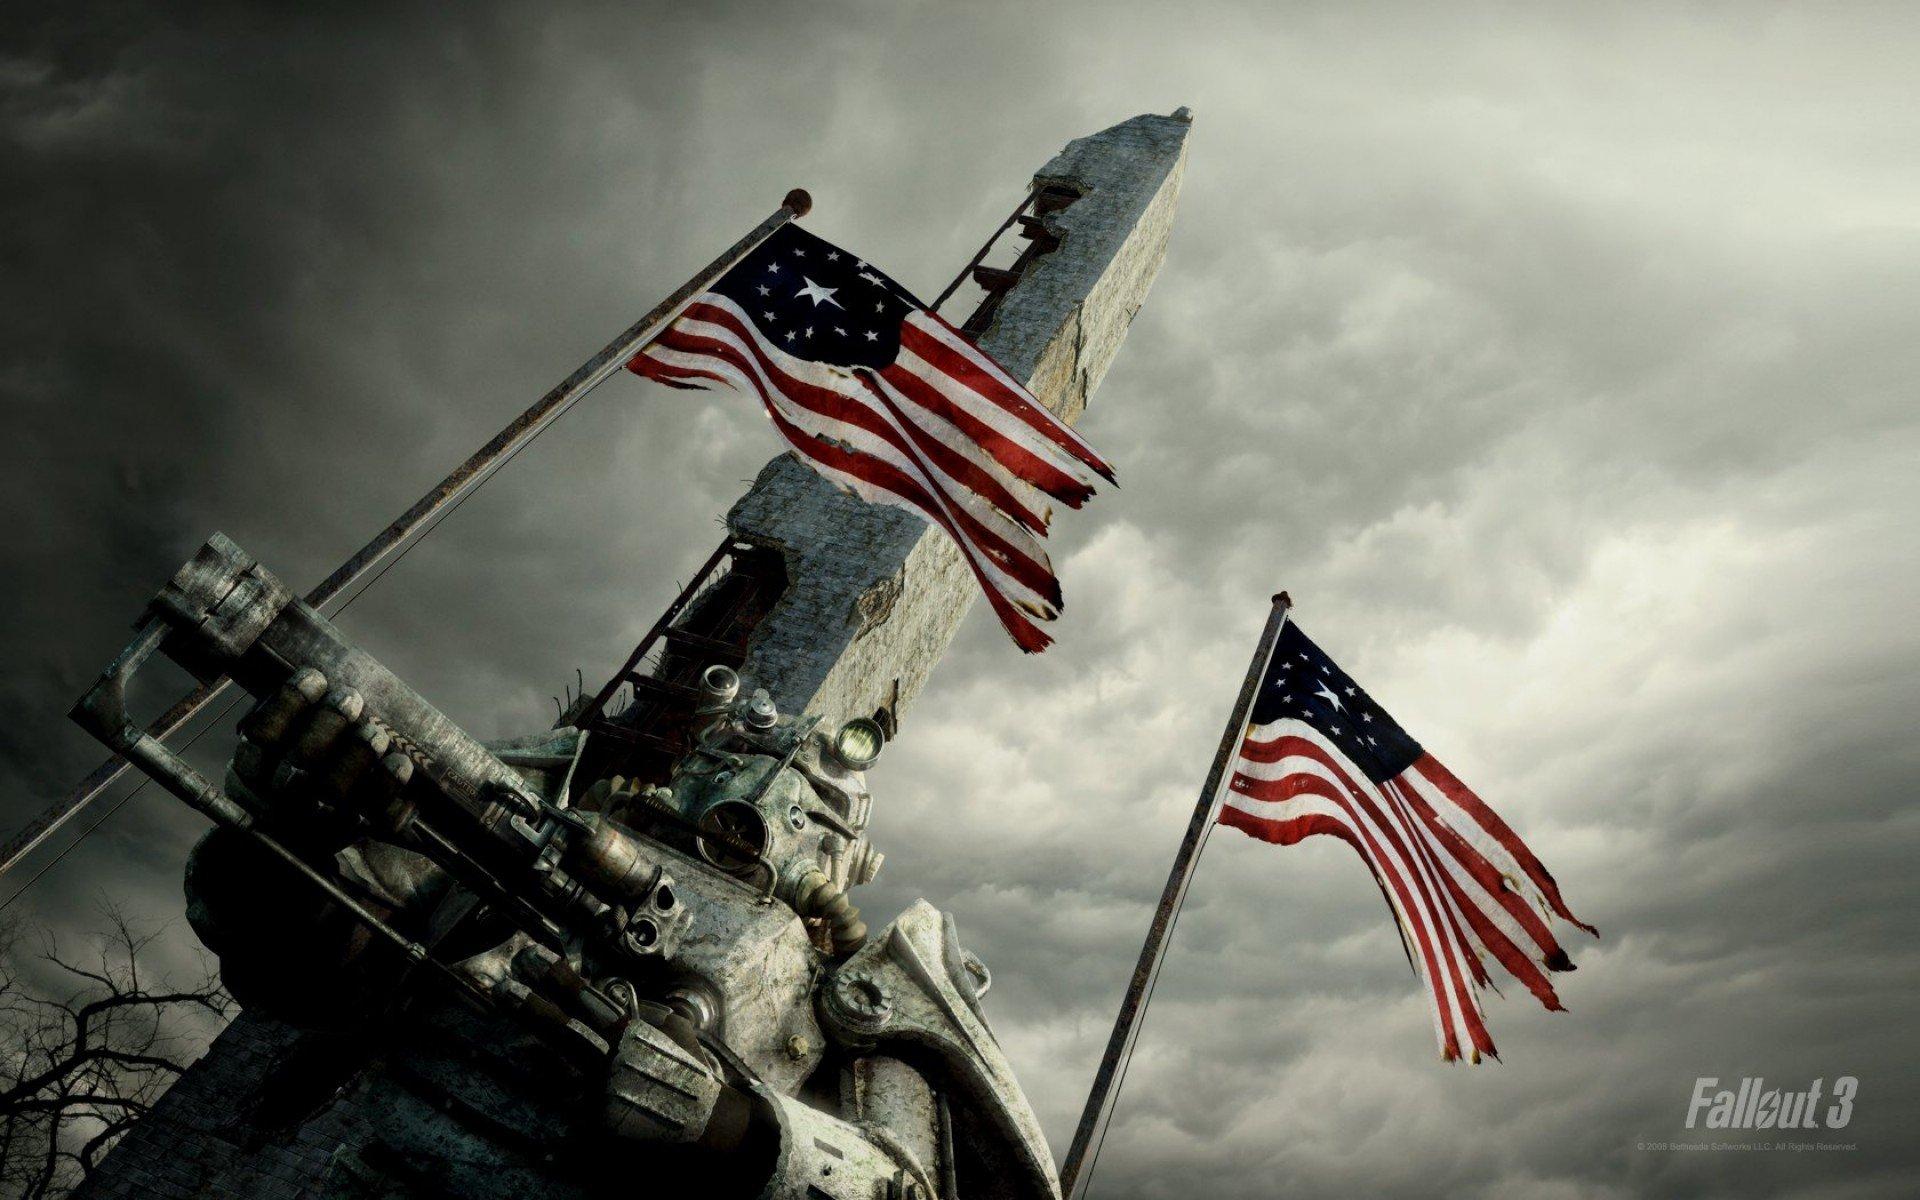 15\11\2012\ Семь штатов США из пятидесяти собрали подписи под петицией о выходе из состава США!  Флаг в игре Fallout .... - Изображение 1